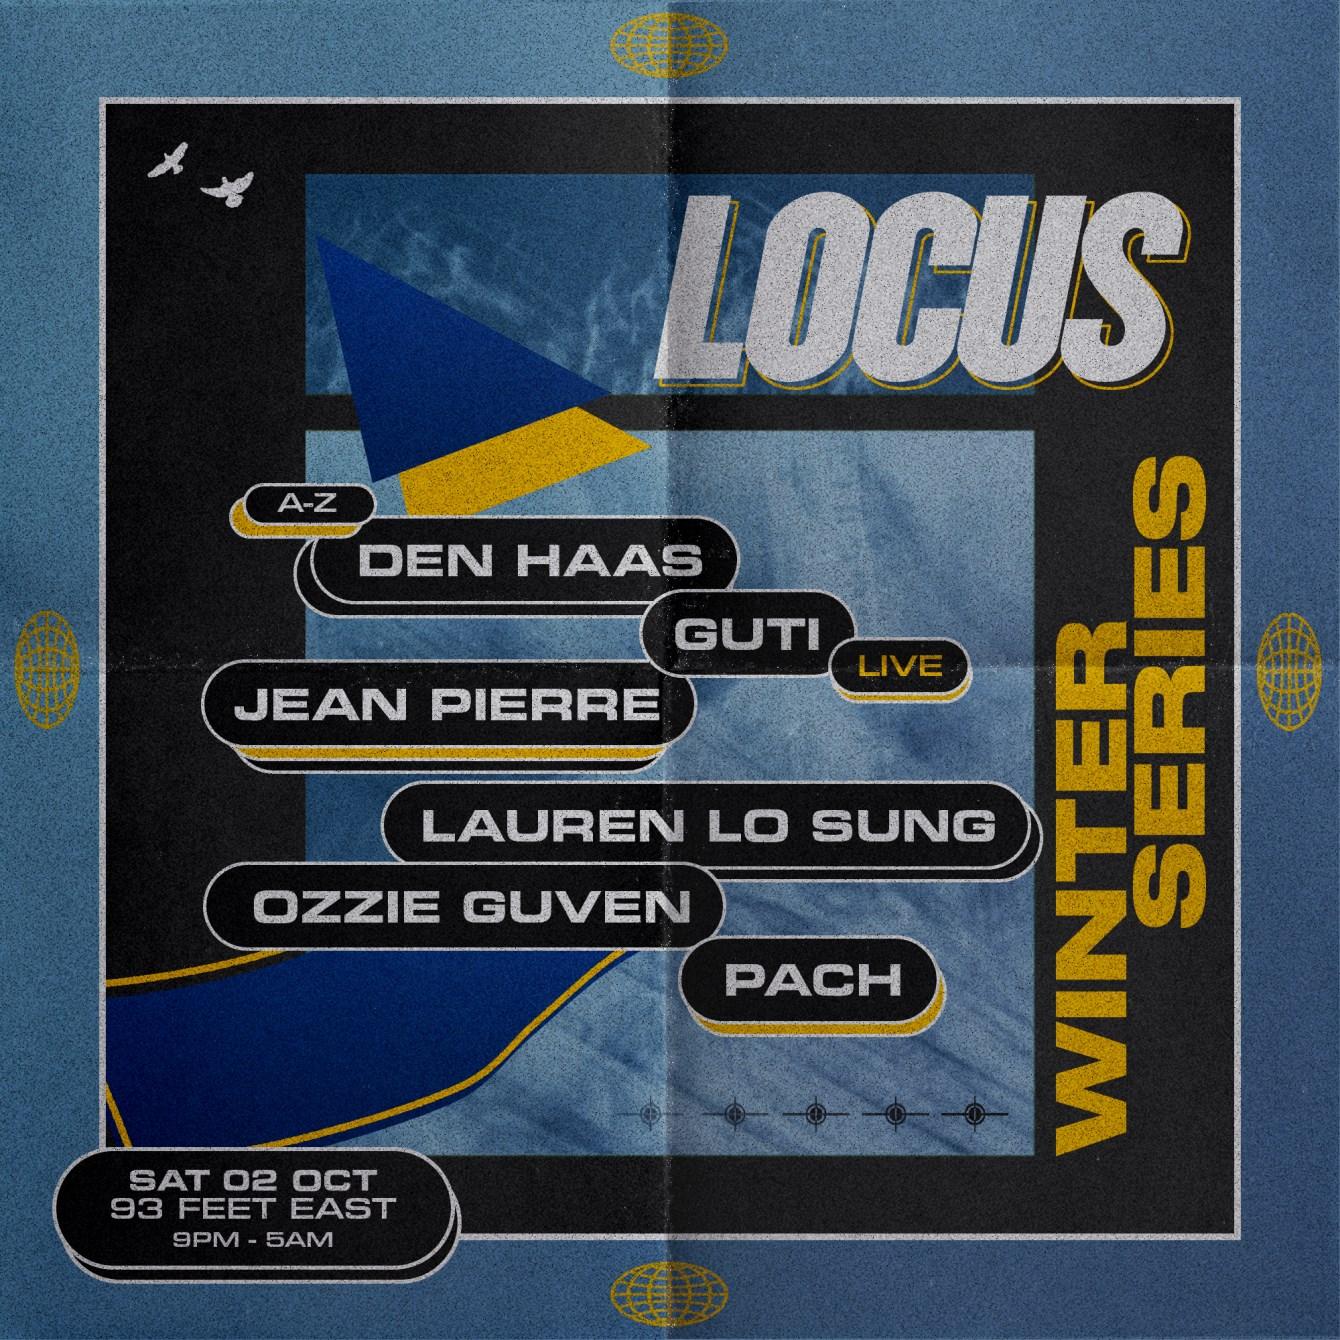 Locus: Winter Series - October - Flyer front